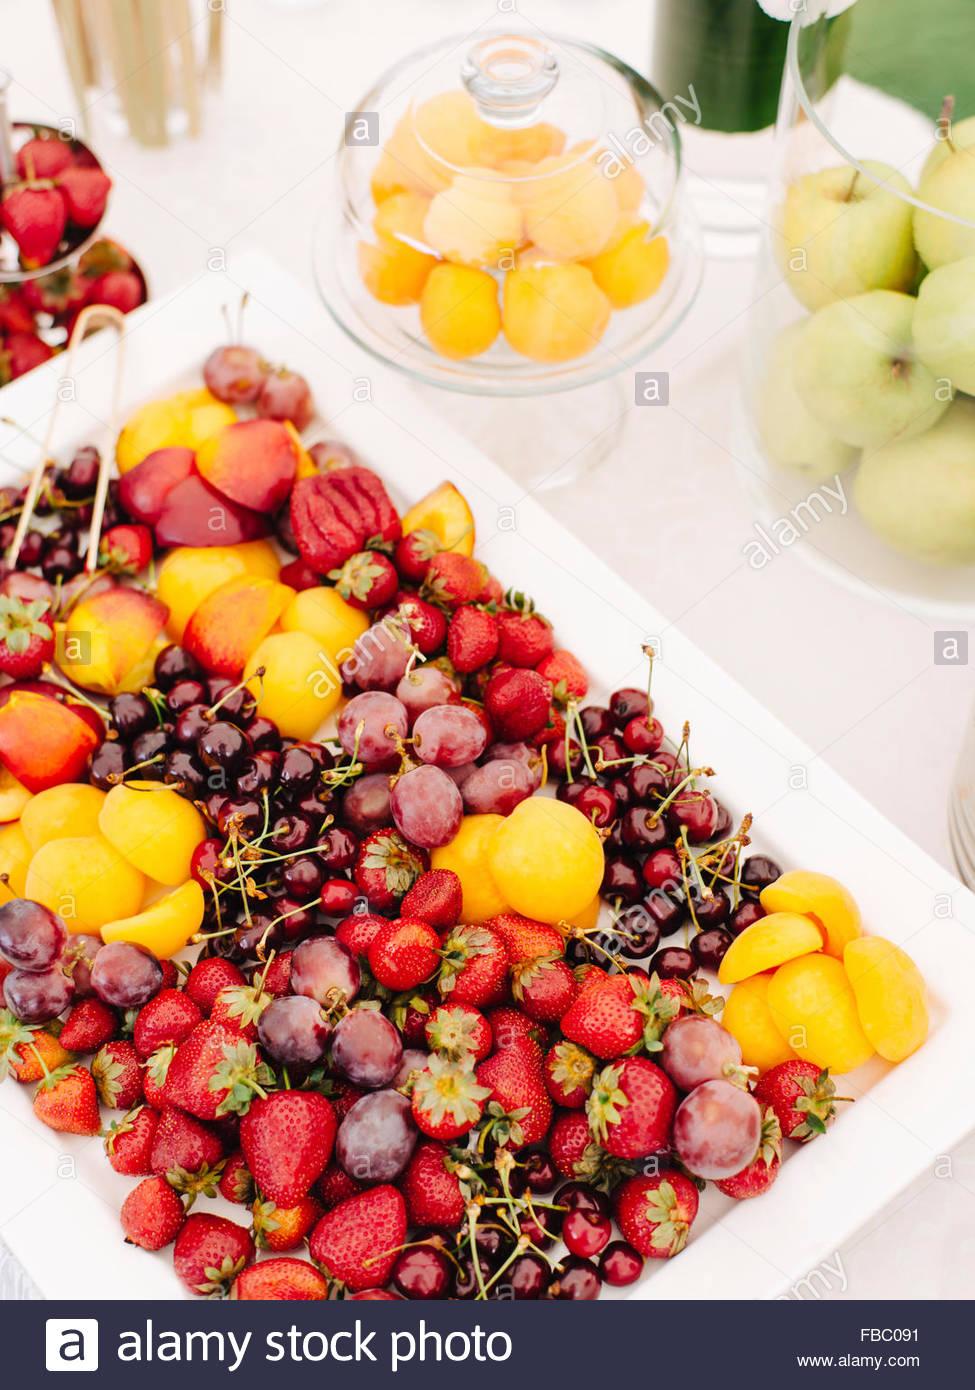 Piastra bianca con frutti e bacche sul tavolo per esterno Immagini Stock